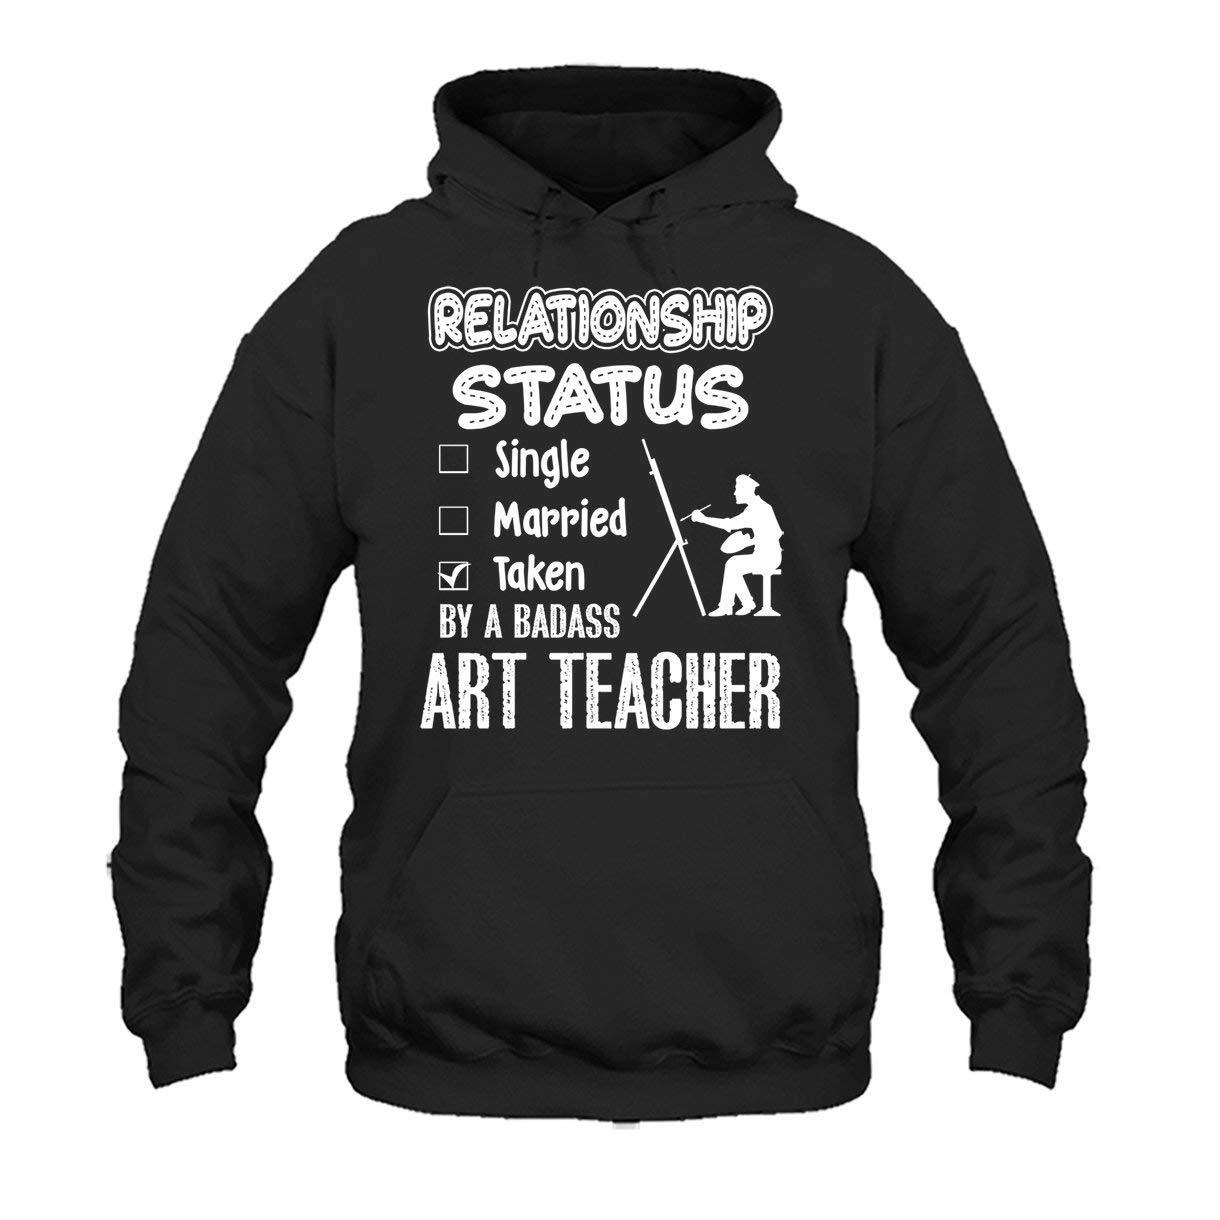 Cool Long Sleeve Shirt Art Teacher Relationship Status Tee Shirt